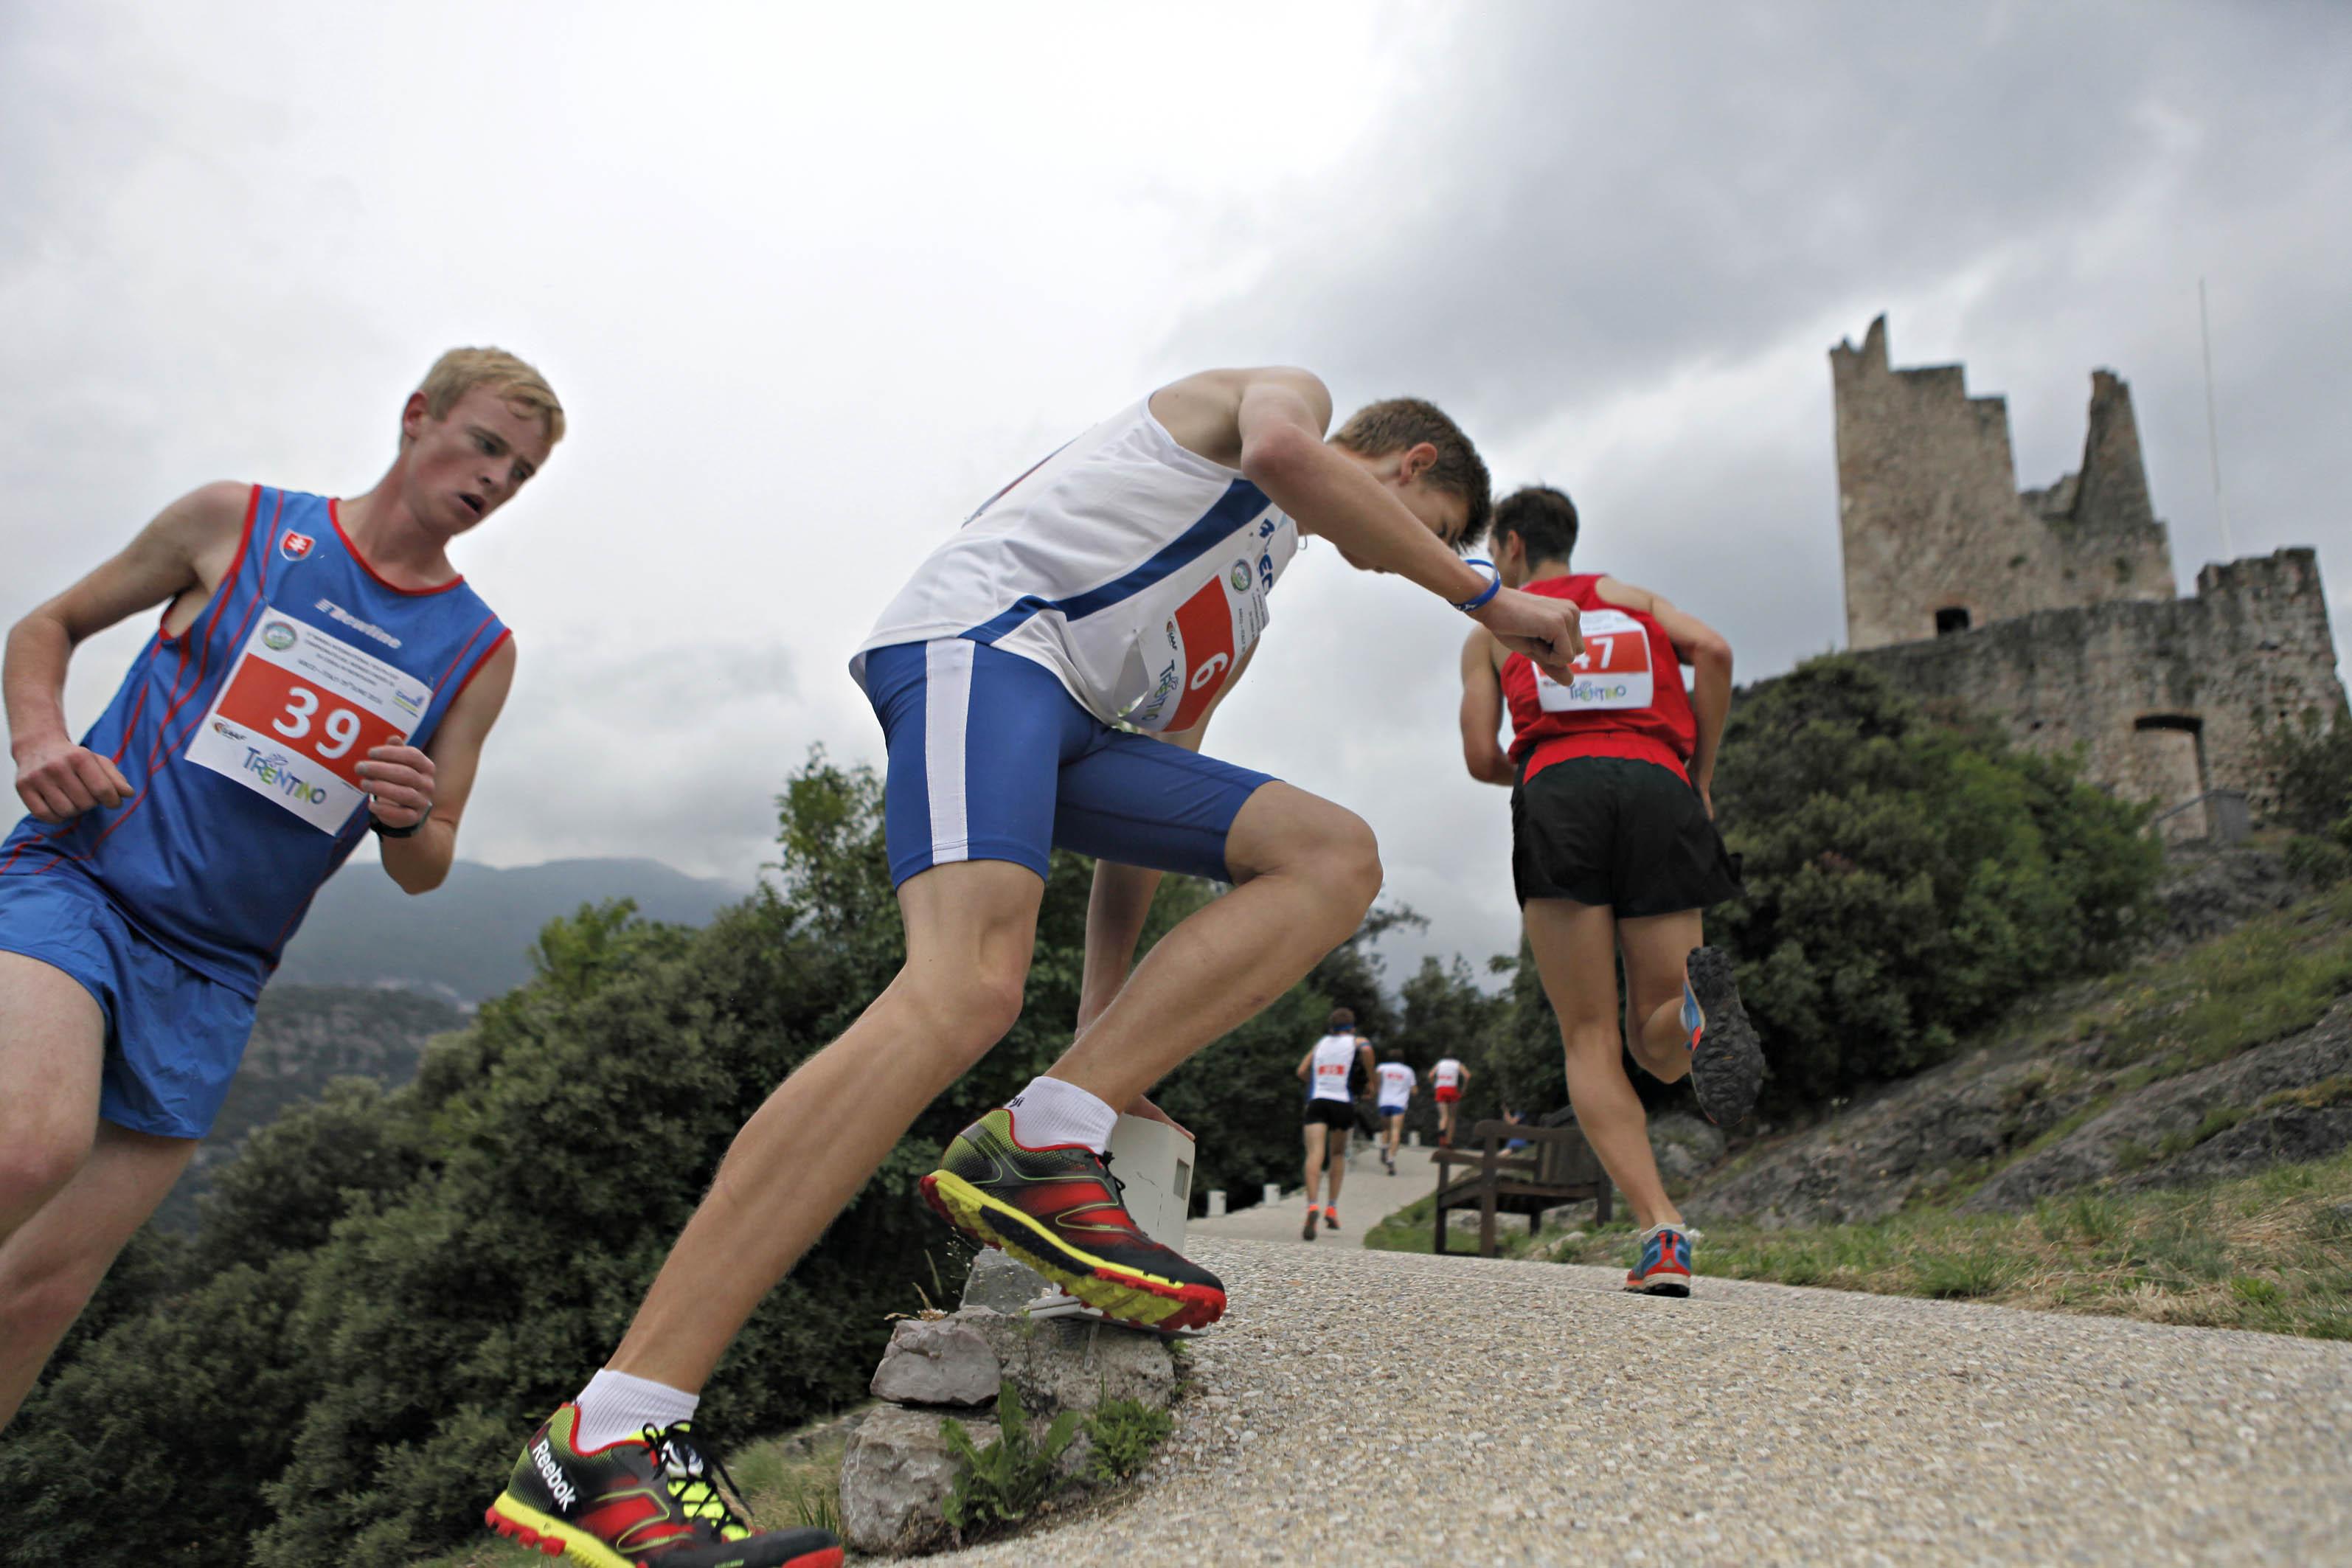 Castle Mountain Running